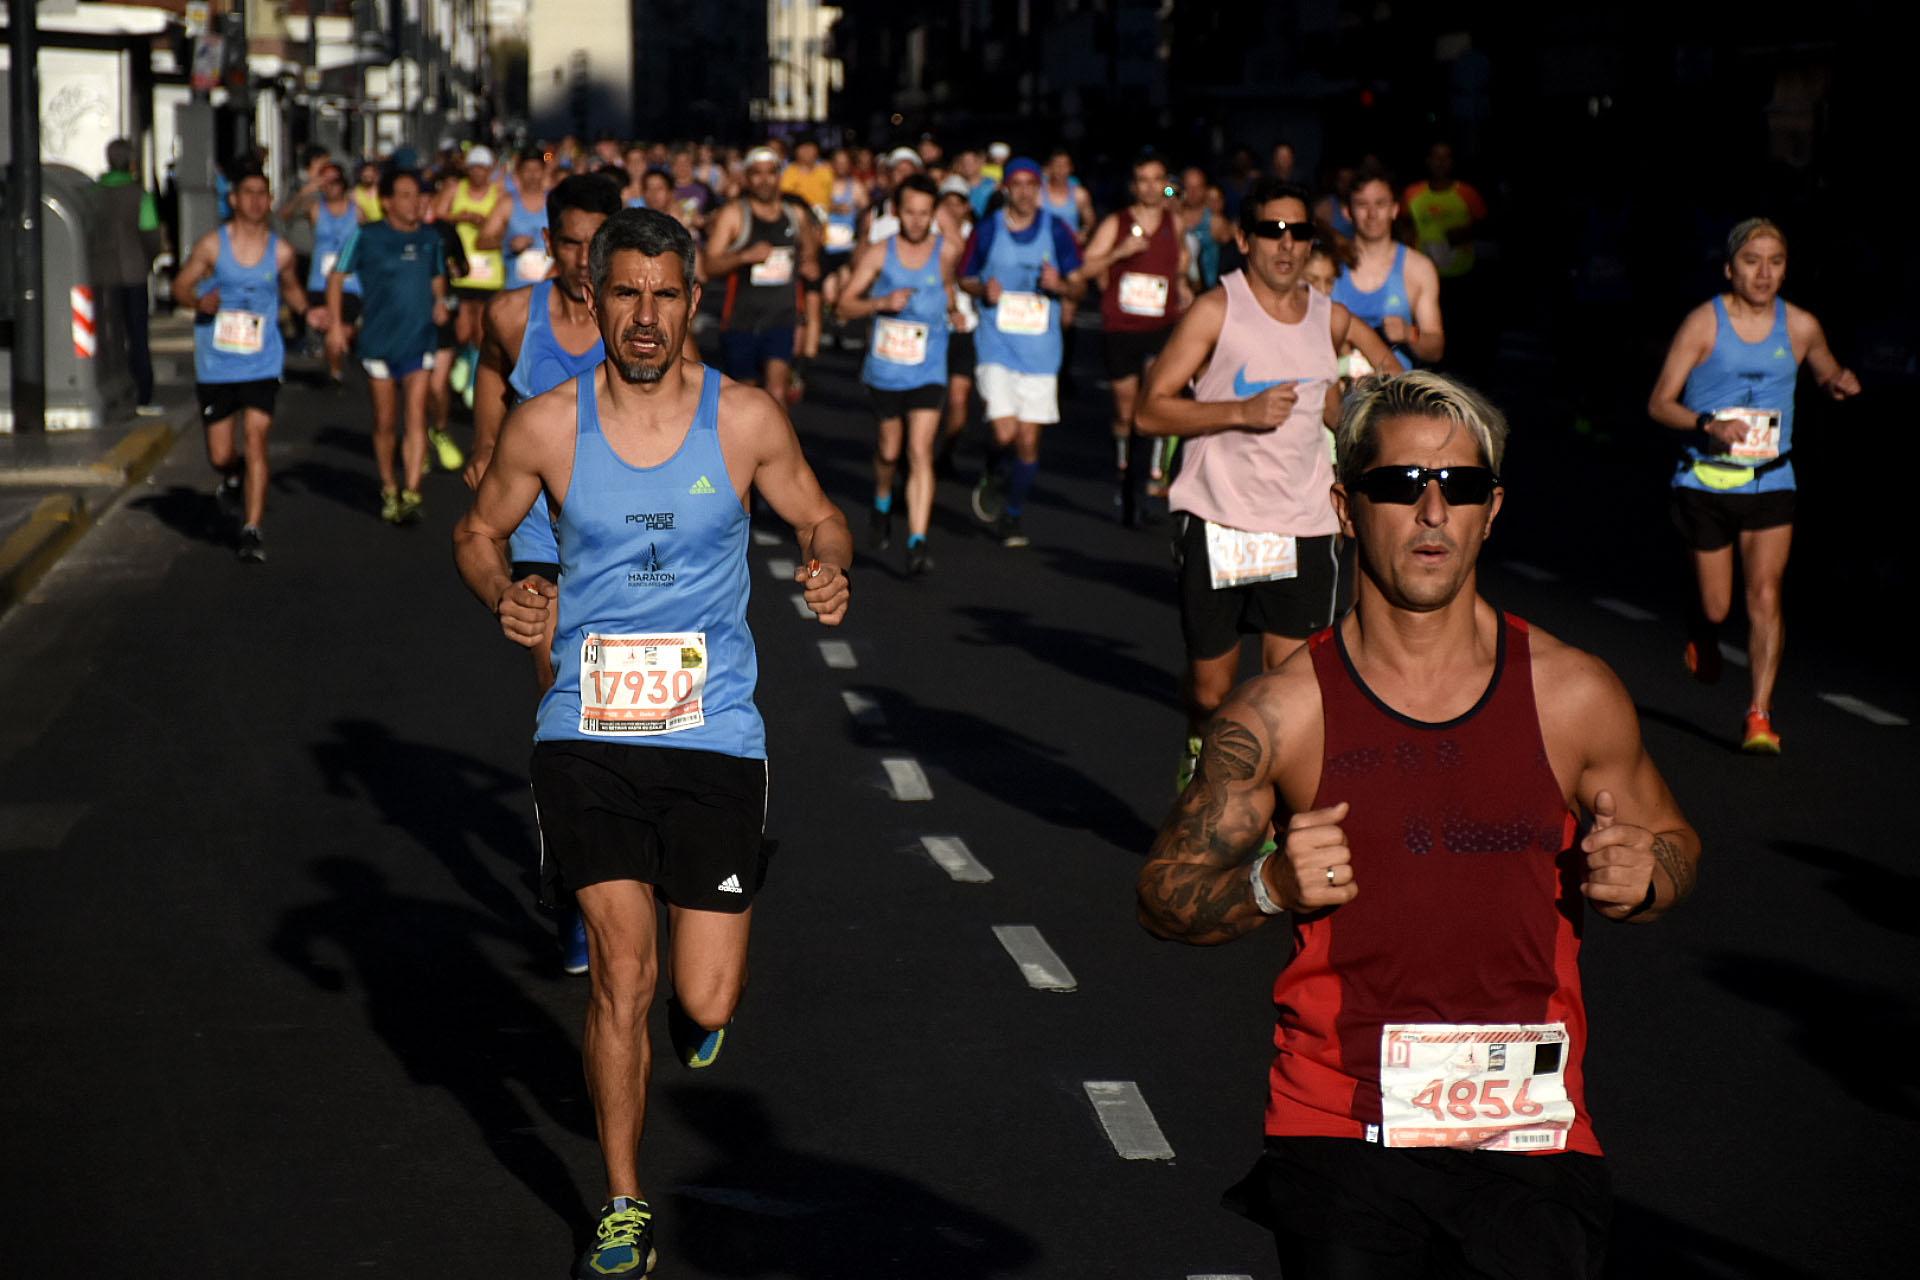 La mayoría de los participantes corrieron con la indumentaria oficial de la maratón